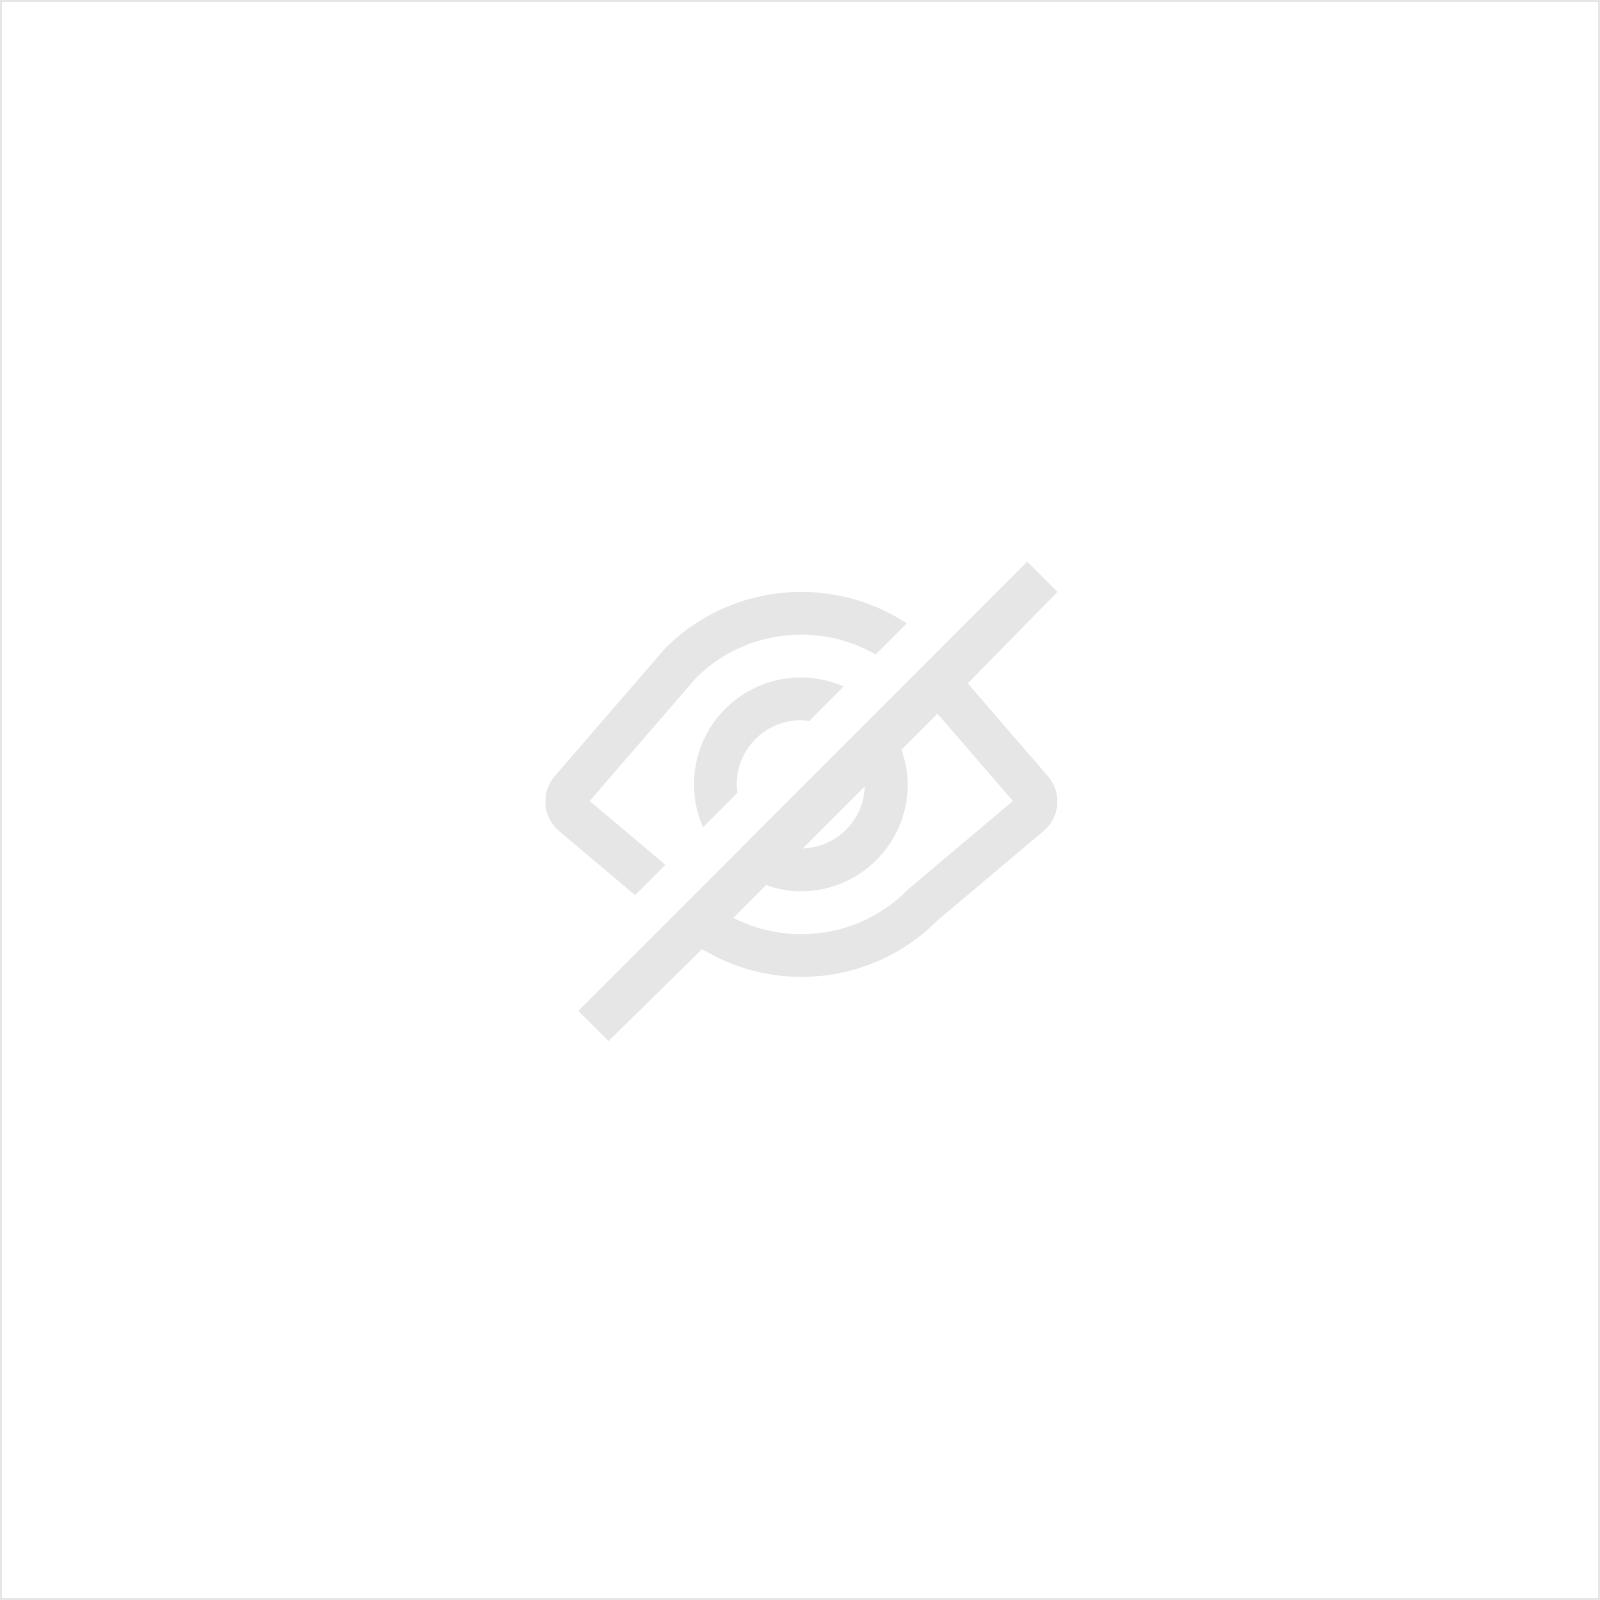 JEU DE MOLETTES OPTIONNELLES - FLAT BEAD ROLL 3/8 - POUR BORDEUSE MOULUREUSE